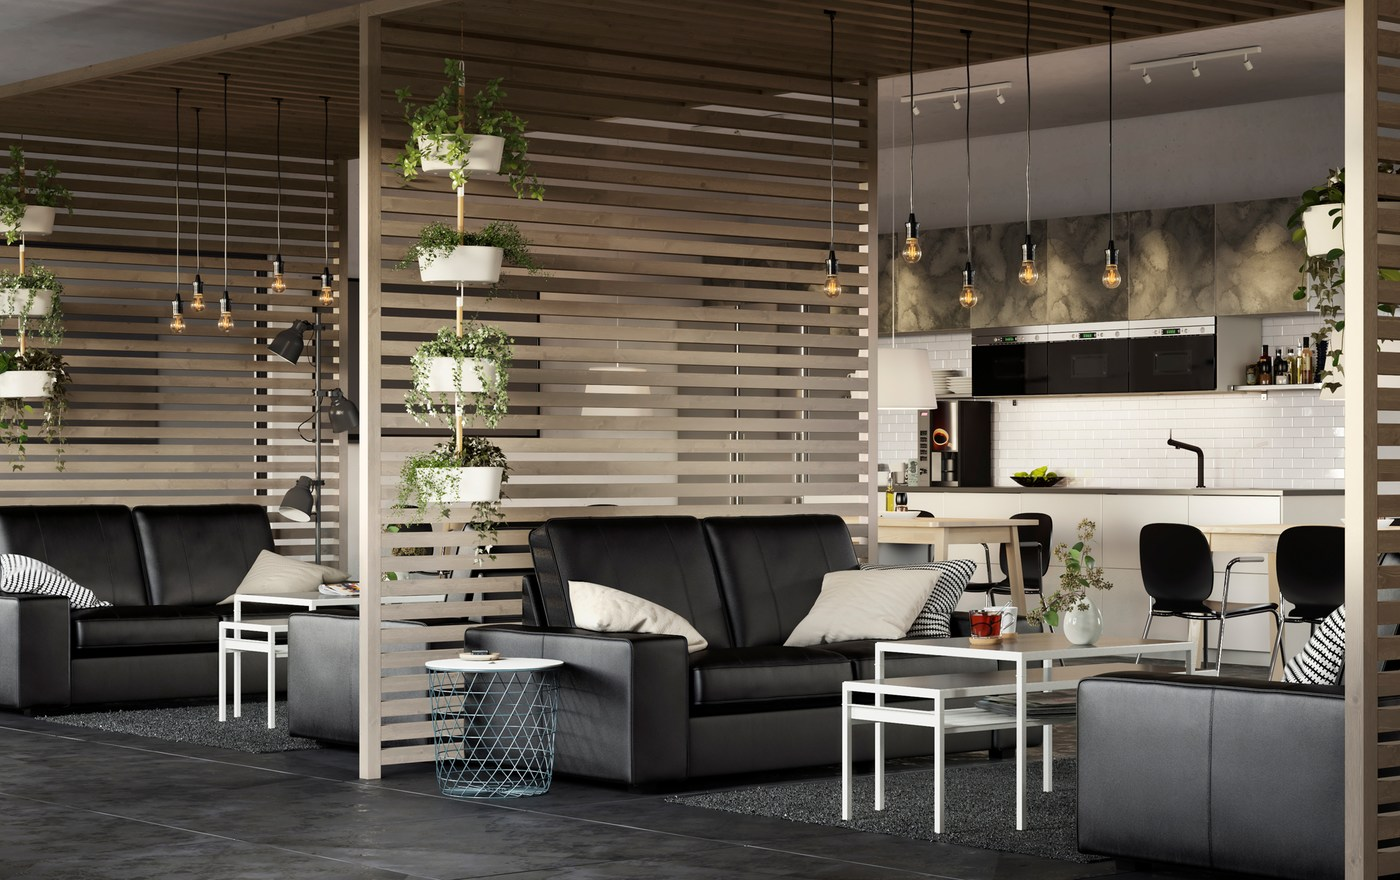 Um espaço de escritório amplo e arejado, com sofás KIVIK de pele em preto e divisórias em ripas de madeira.